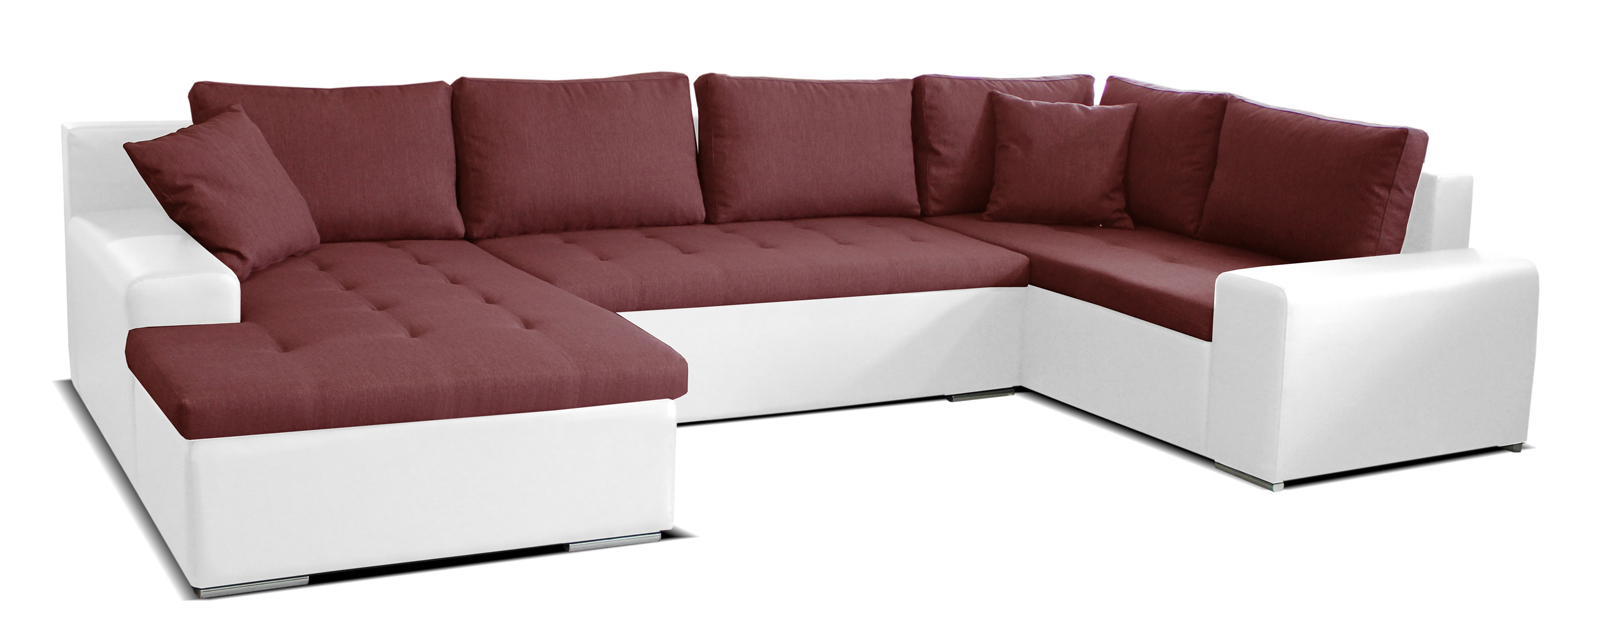 Rohová sedačka U - Po-Sed - Moreno L+2+BL (bordová + biela) (L). Akcia -12%. Doprava ZDARMA. Sme autorizovaný predajca Po-Sed. Vlastná spoľahlivá doprava až k Vám domov.